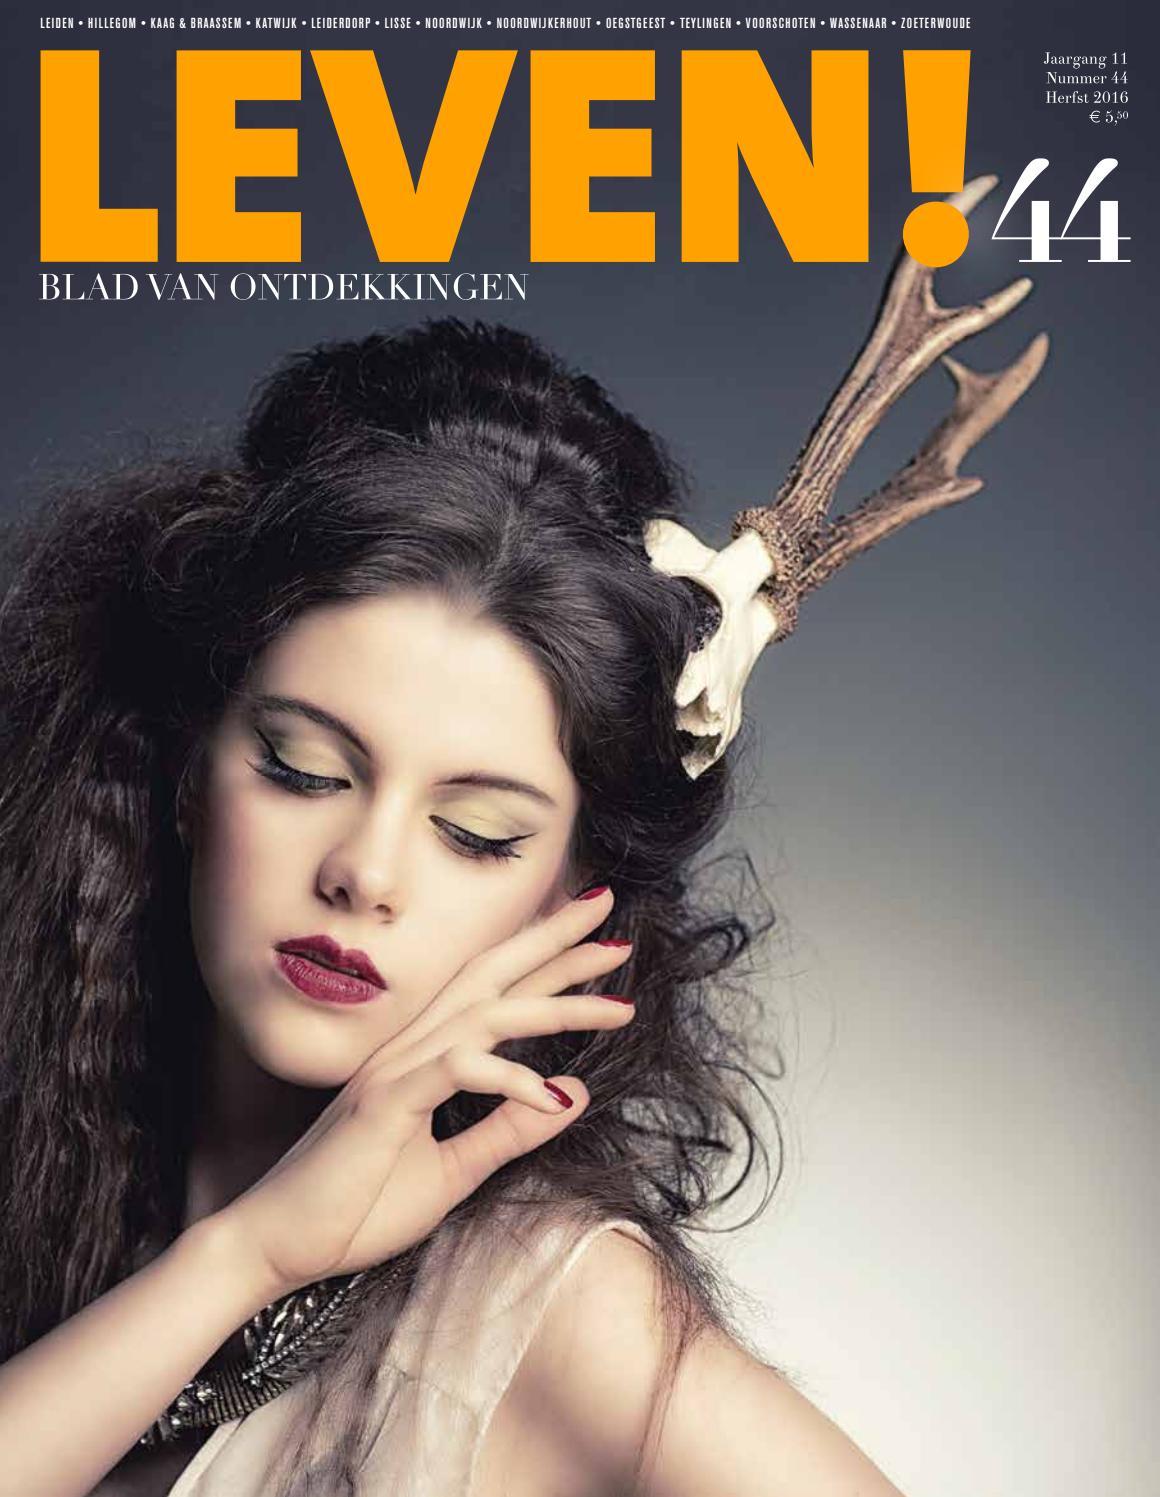 Leven! leiden #26 lente 2012 by zabriski media   issuu